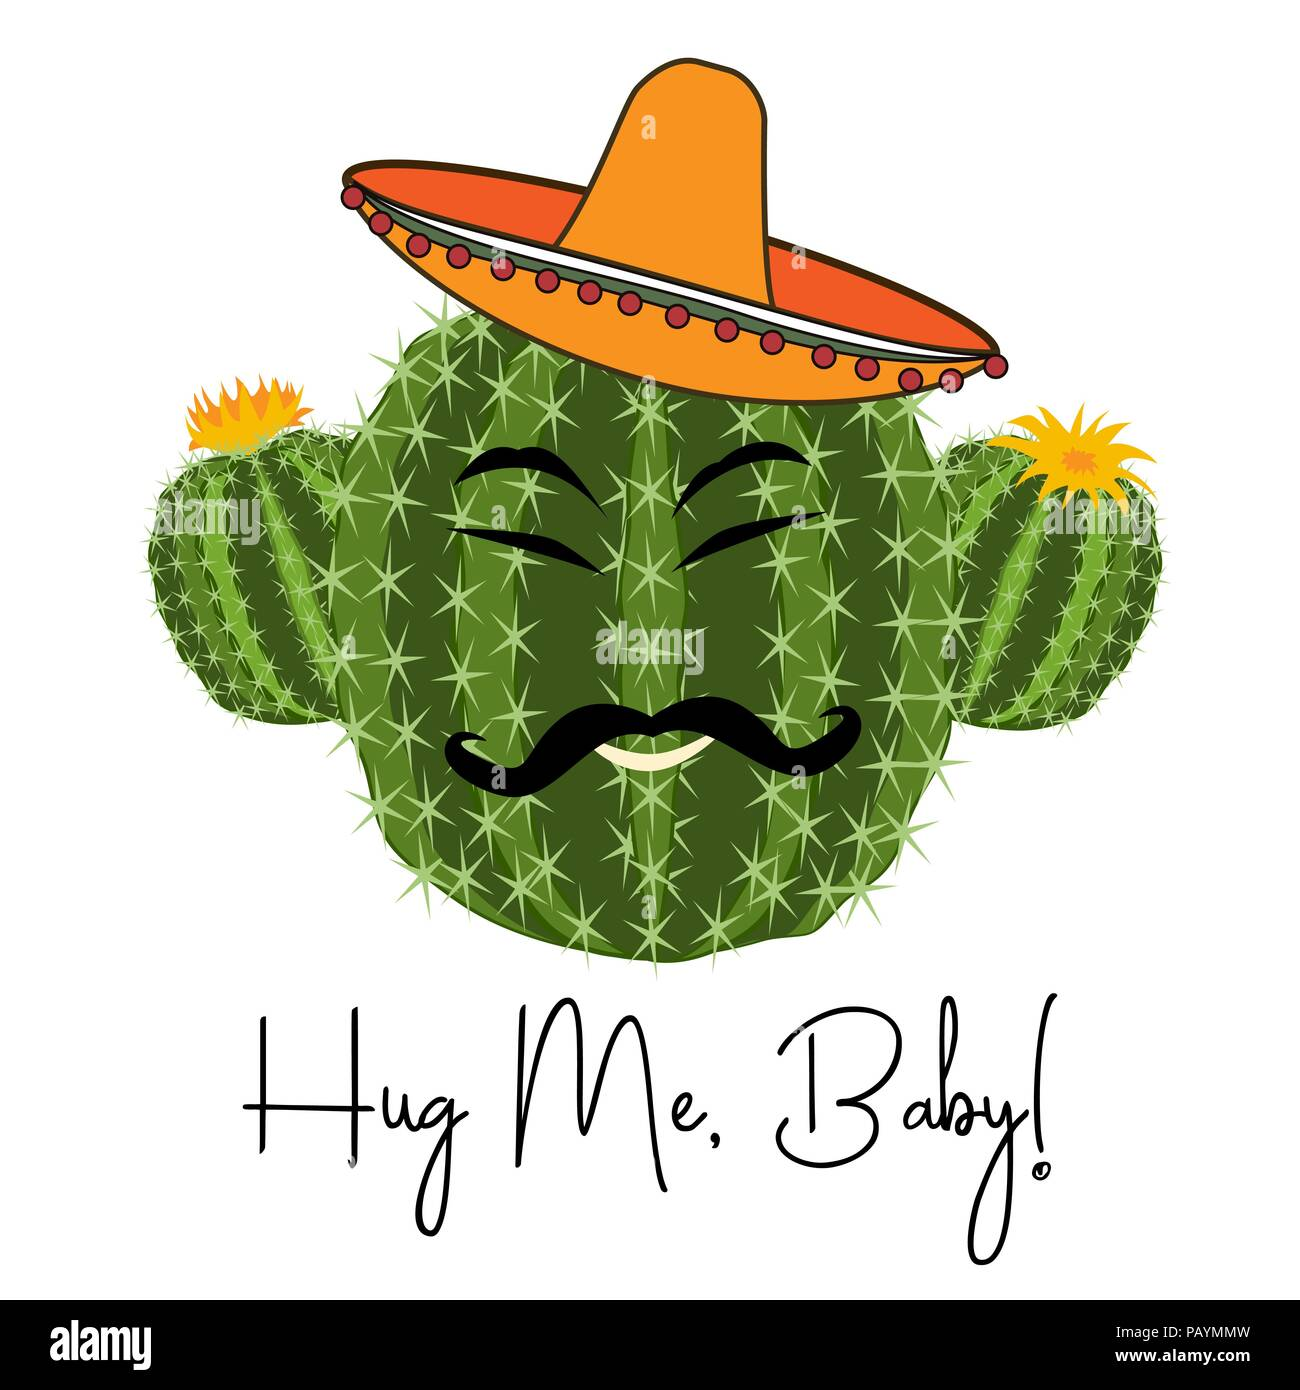 Avec Drole D Impression Cactus Cactus Souriant Dans Le Vector Merci De M Embrasser Cacrd Cactus En Sombrero Image Vectorielle Stock Alamy